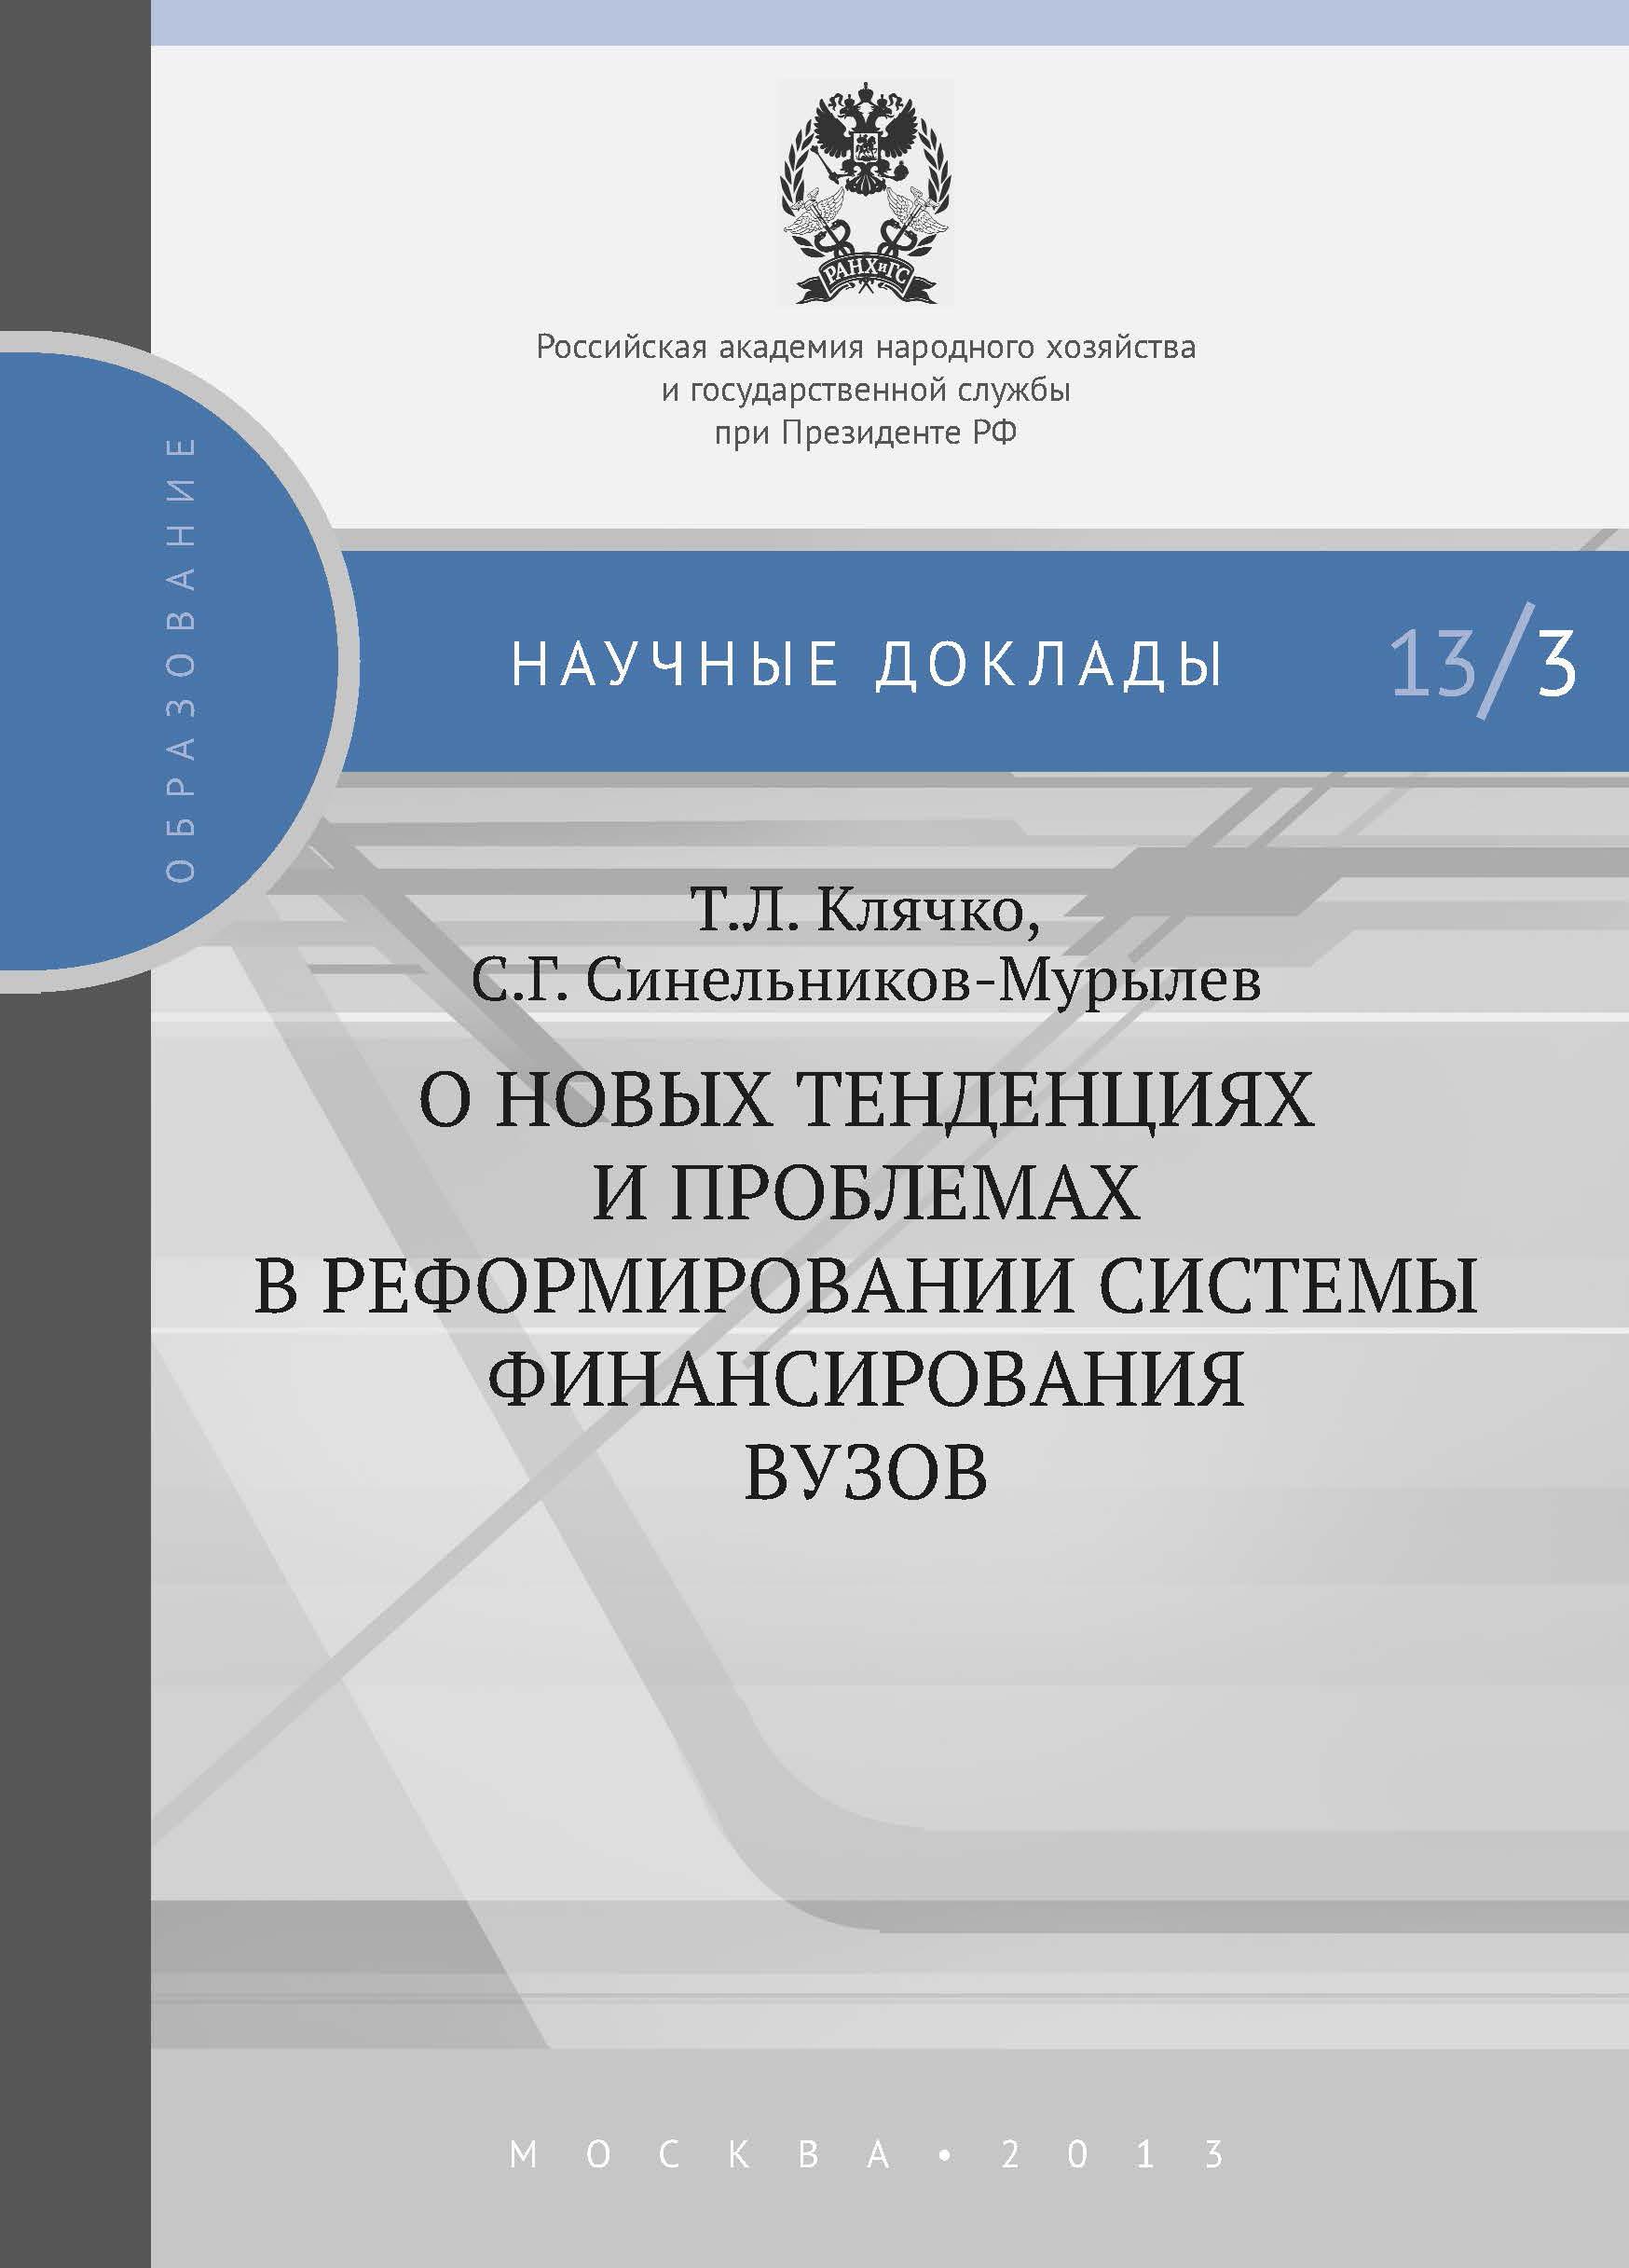 О новых тенденциях и проблемах в реформировании системы финансирования вузов